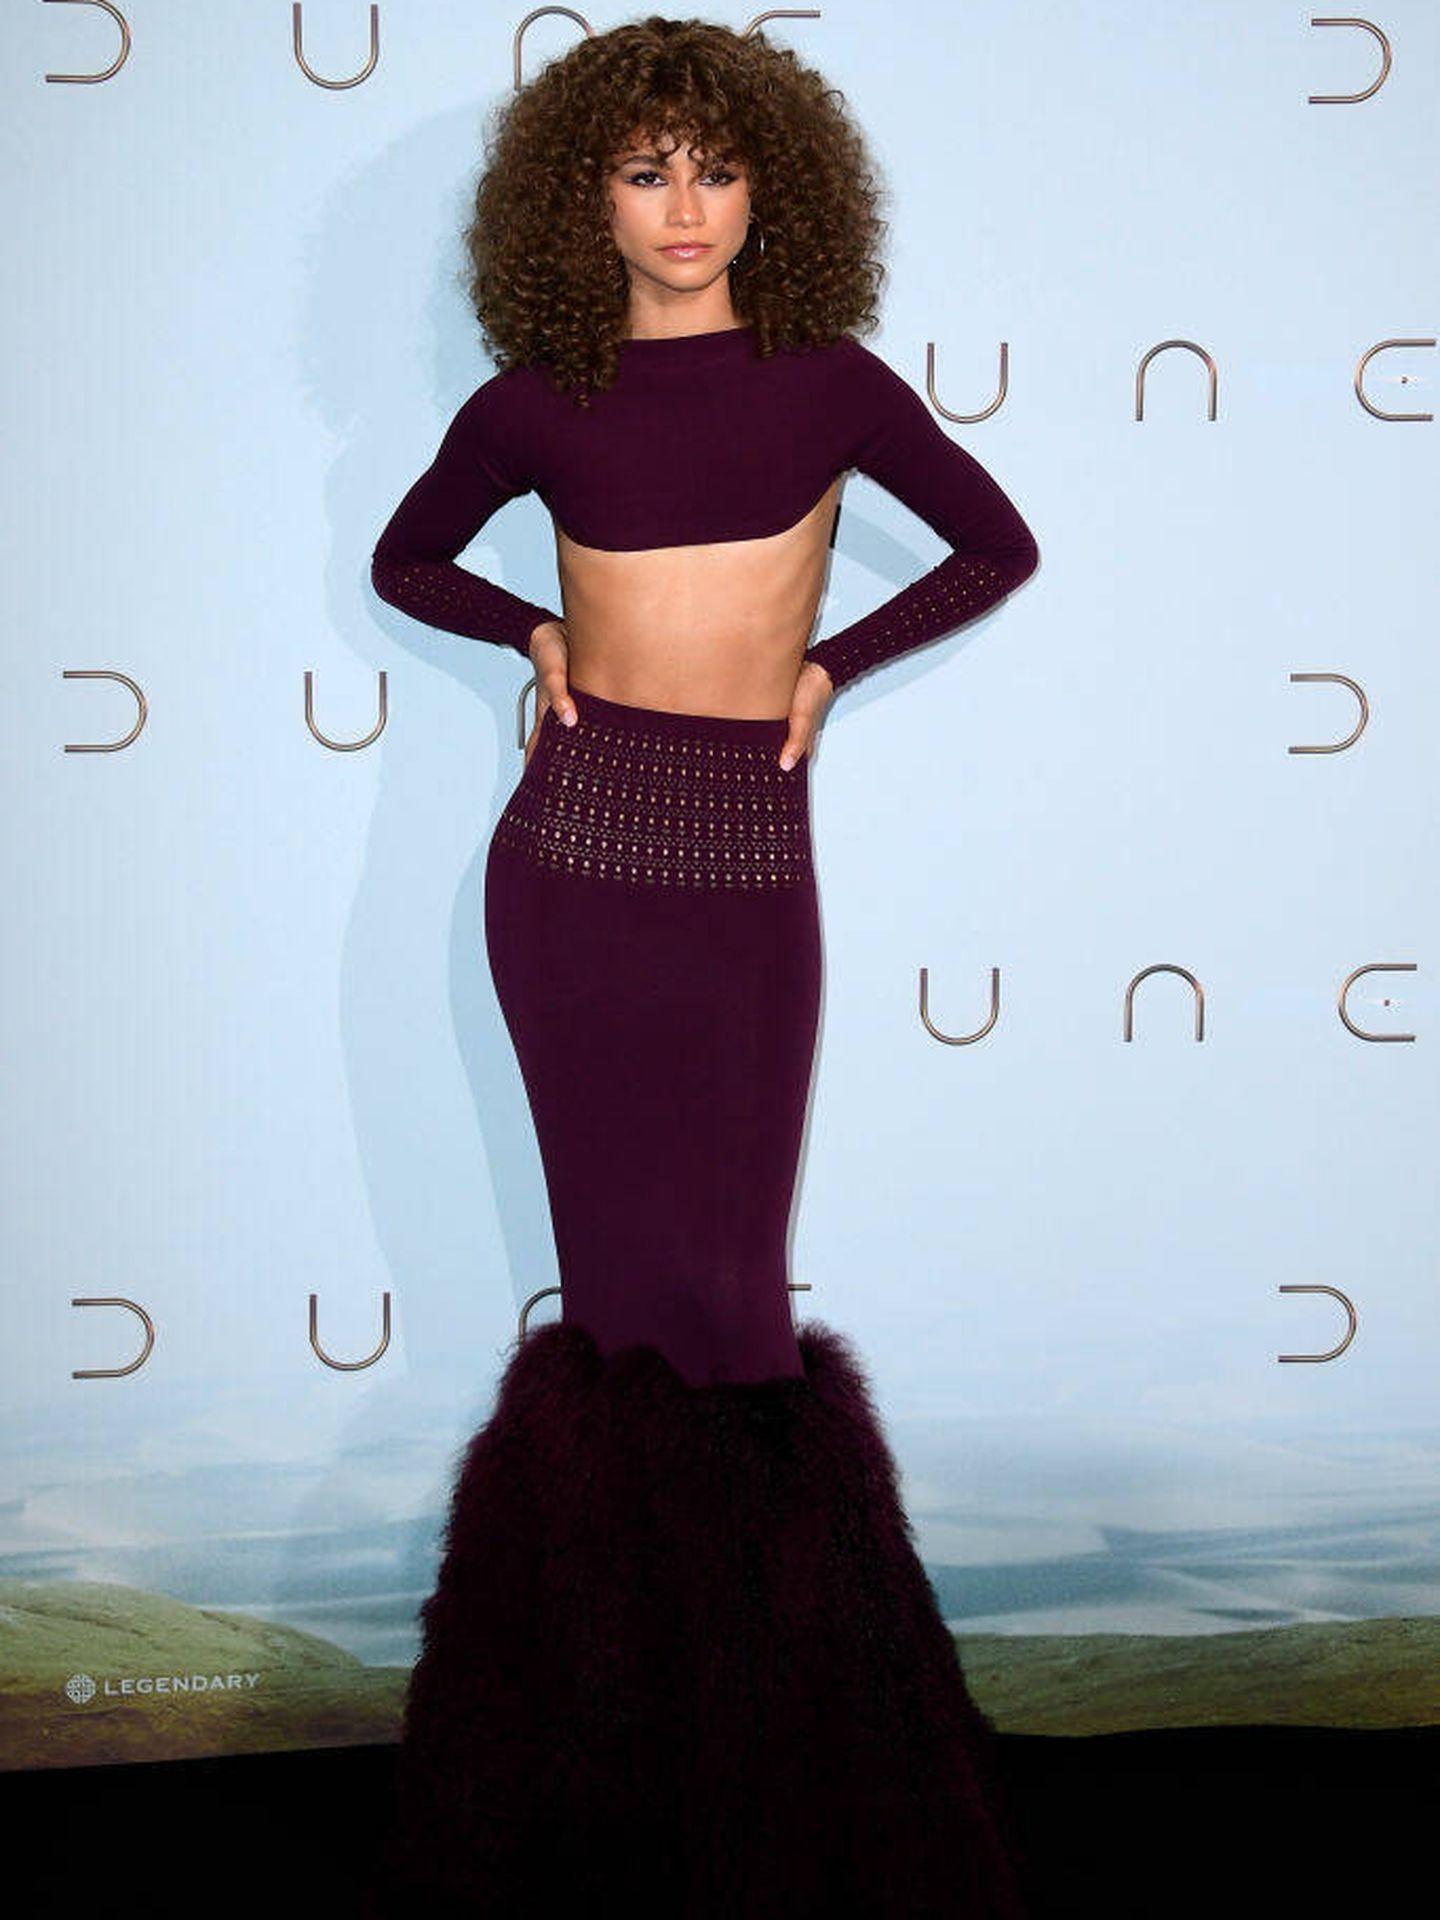 Zendaya, en la presentación de 'Dune' en el photocall de Le Grand Rex de París. (Getty)